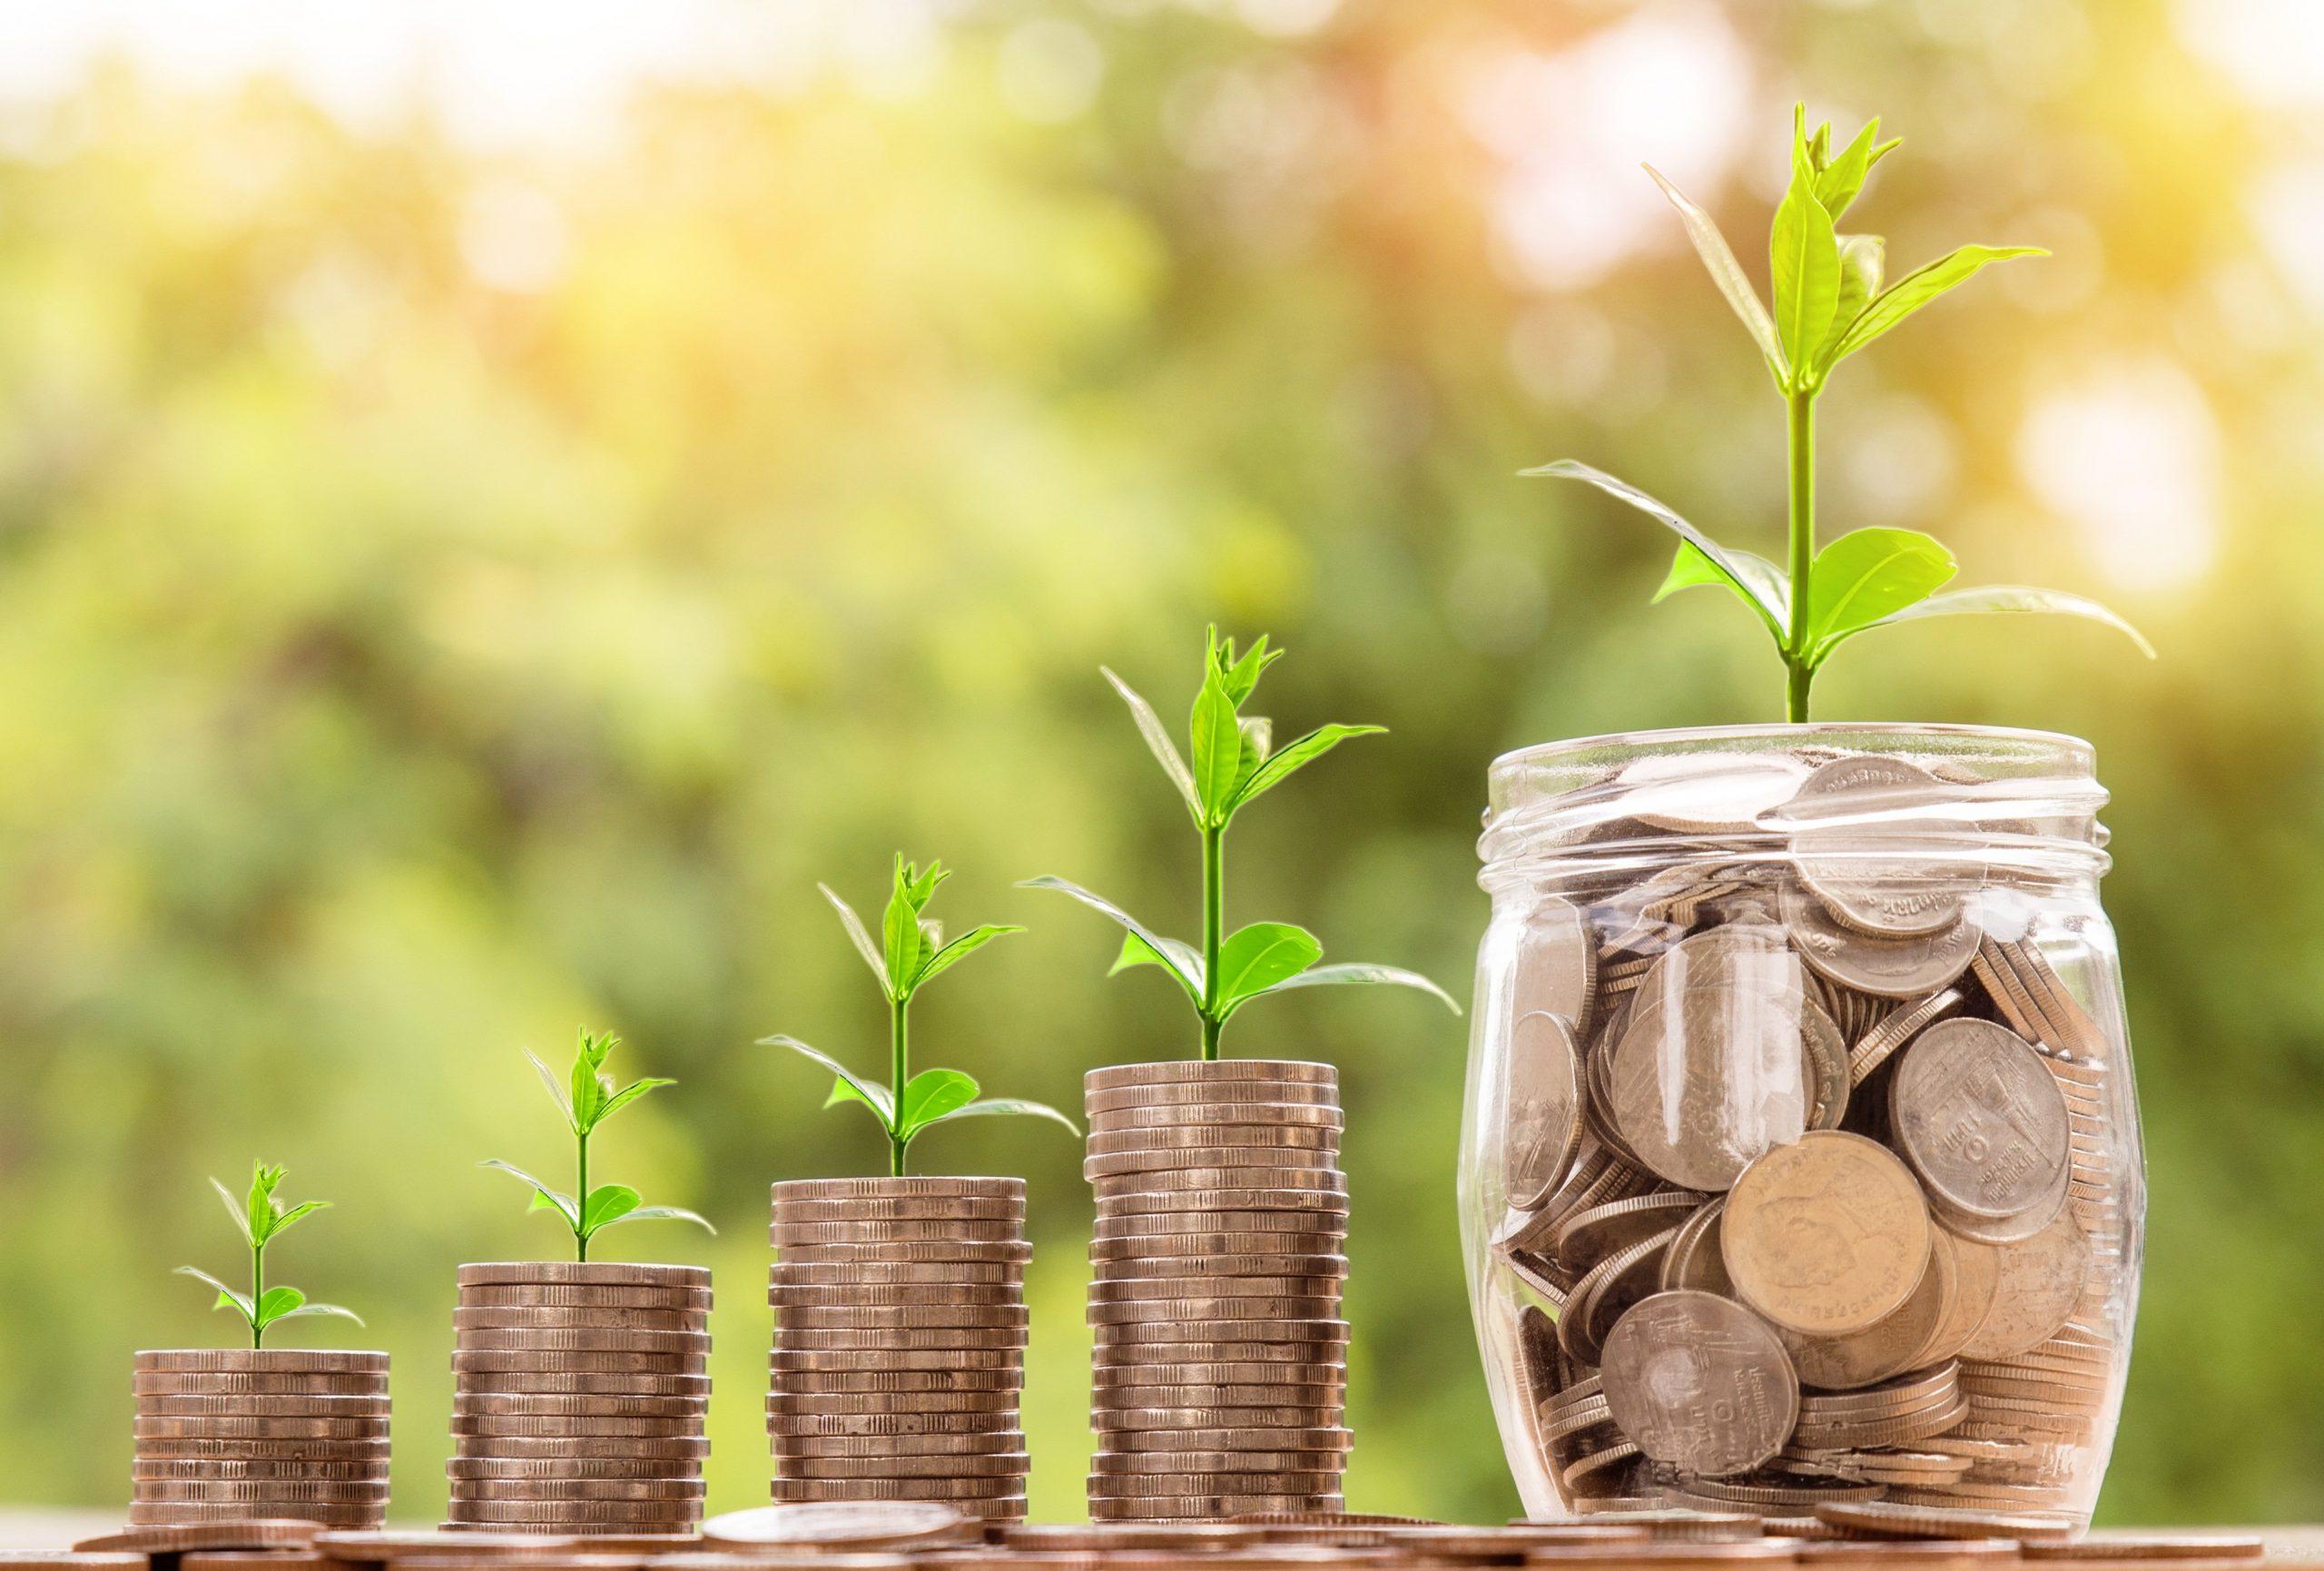 https://pixabay.com/de/photos/geld-m%C3%BCnze-investitionen-gesch%C3%A4ft-2724241/